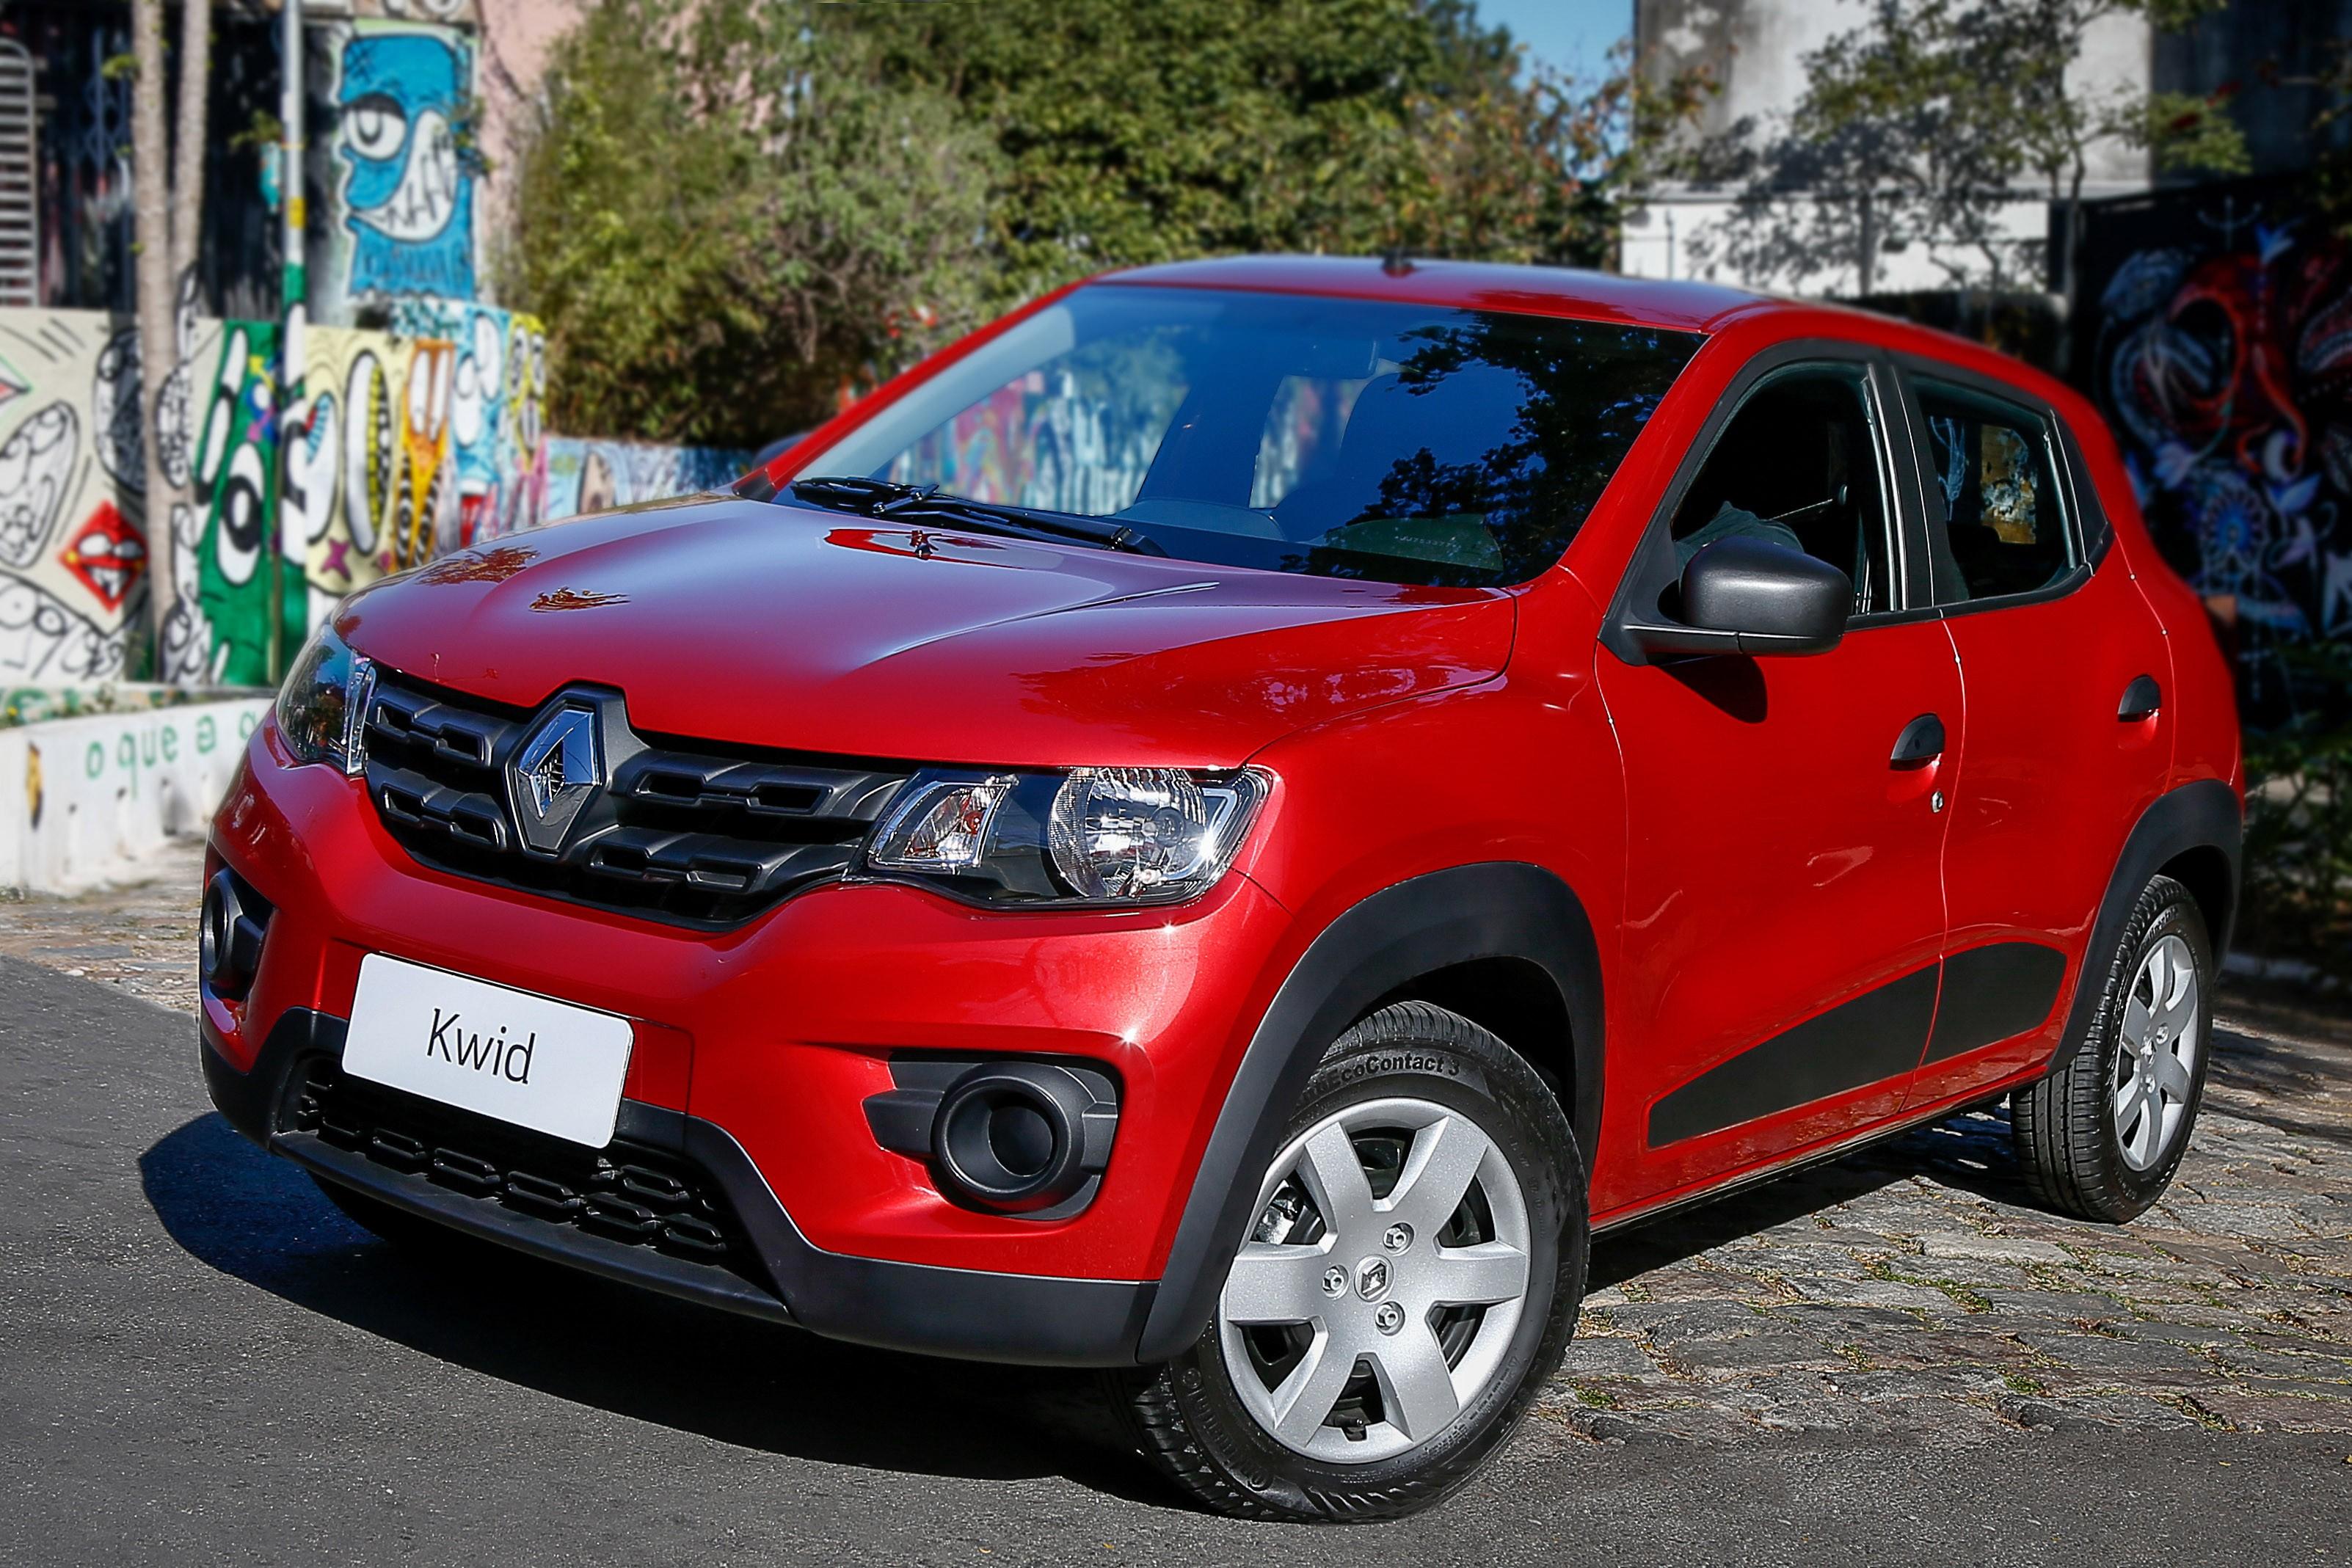 Fiat Mobi fica mais caro, e Renault Kwid passa a ser o carro novo mais barato do Brasil